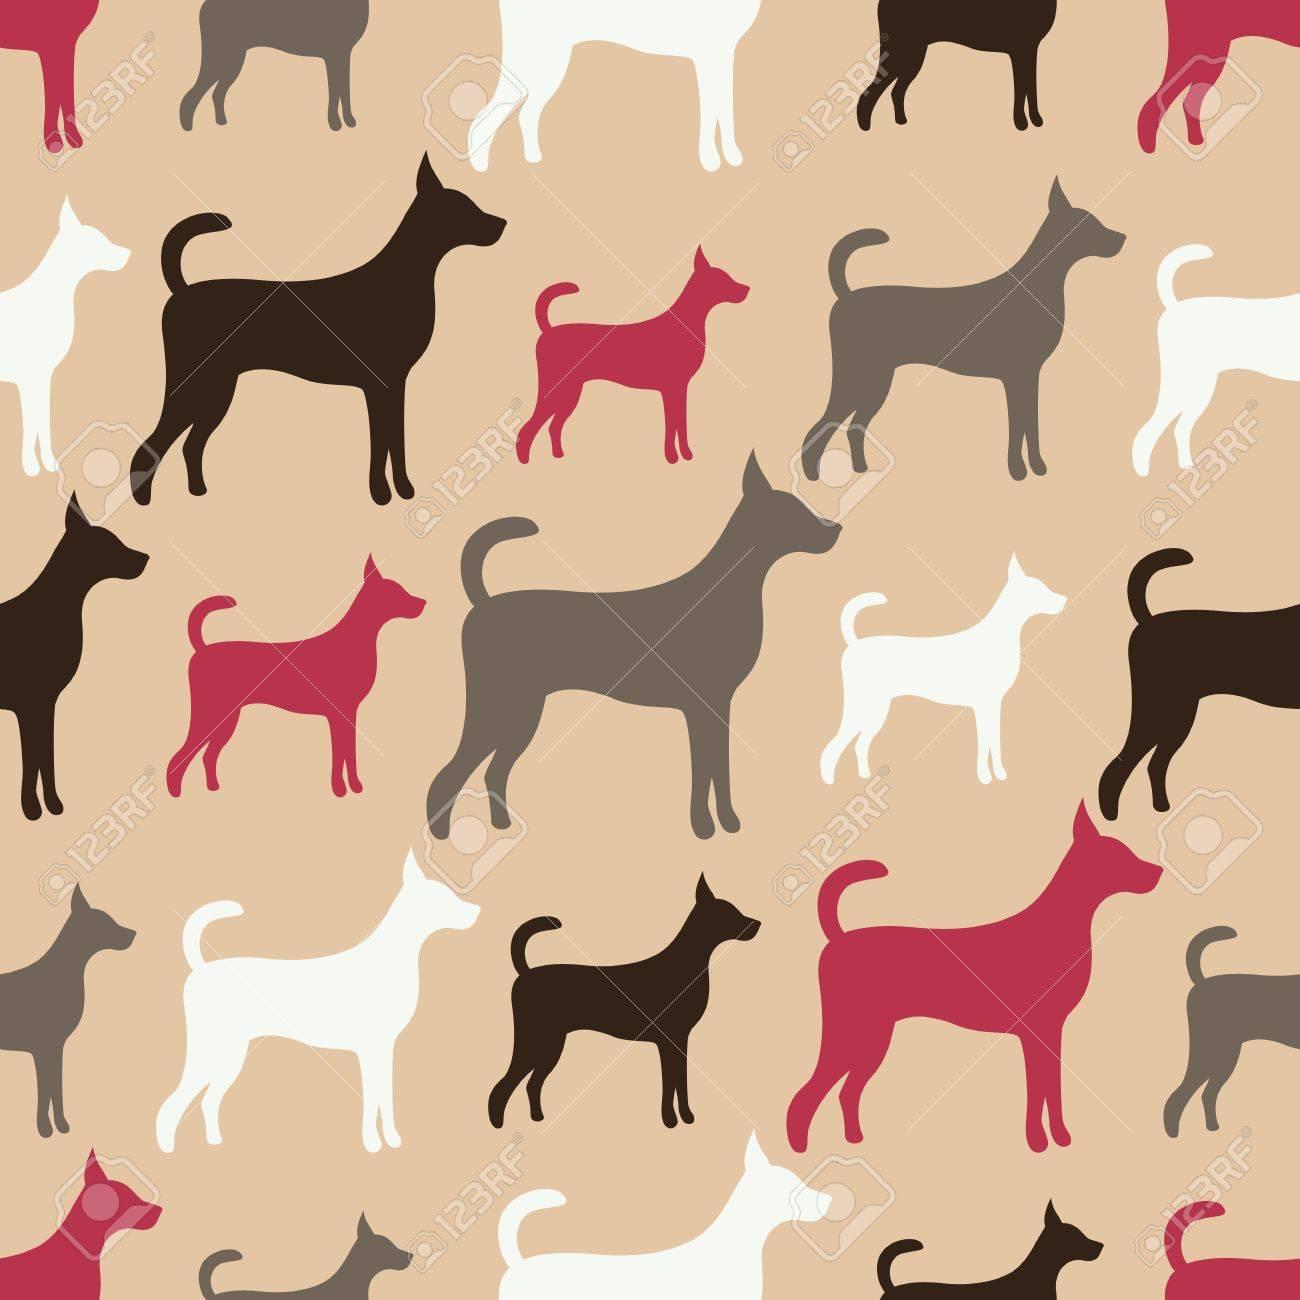 Modelo Animal Inconsútil Del Vector De Siluetas De Perros Textura